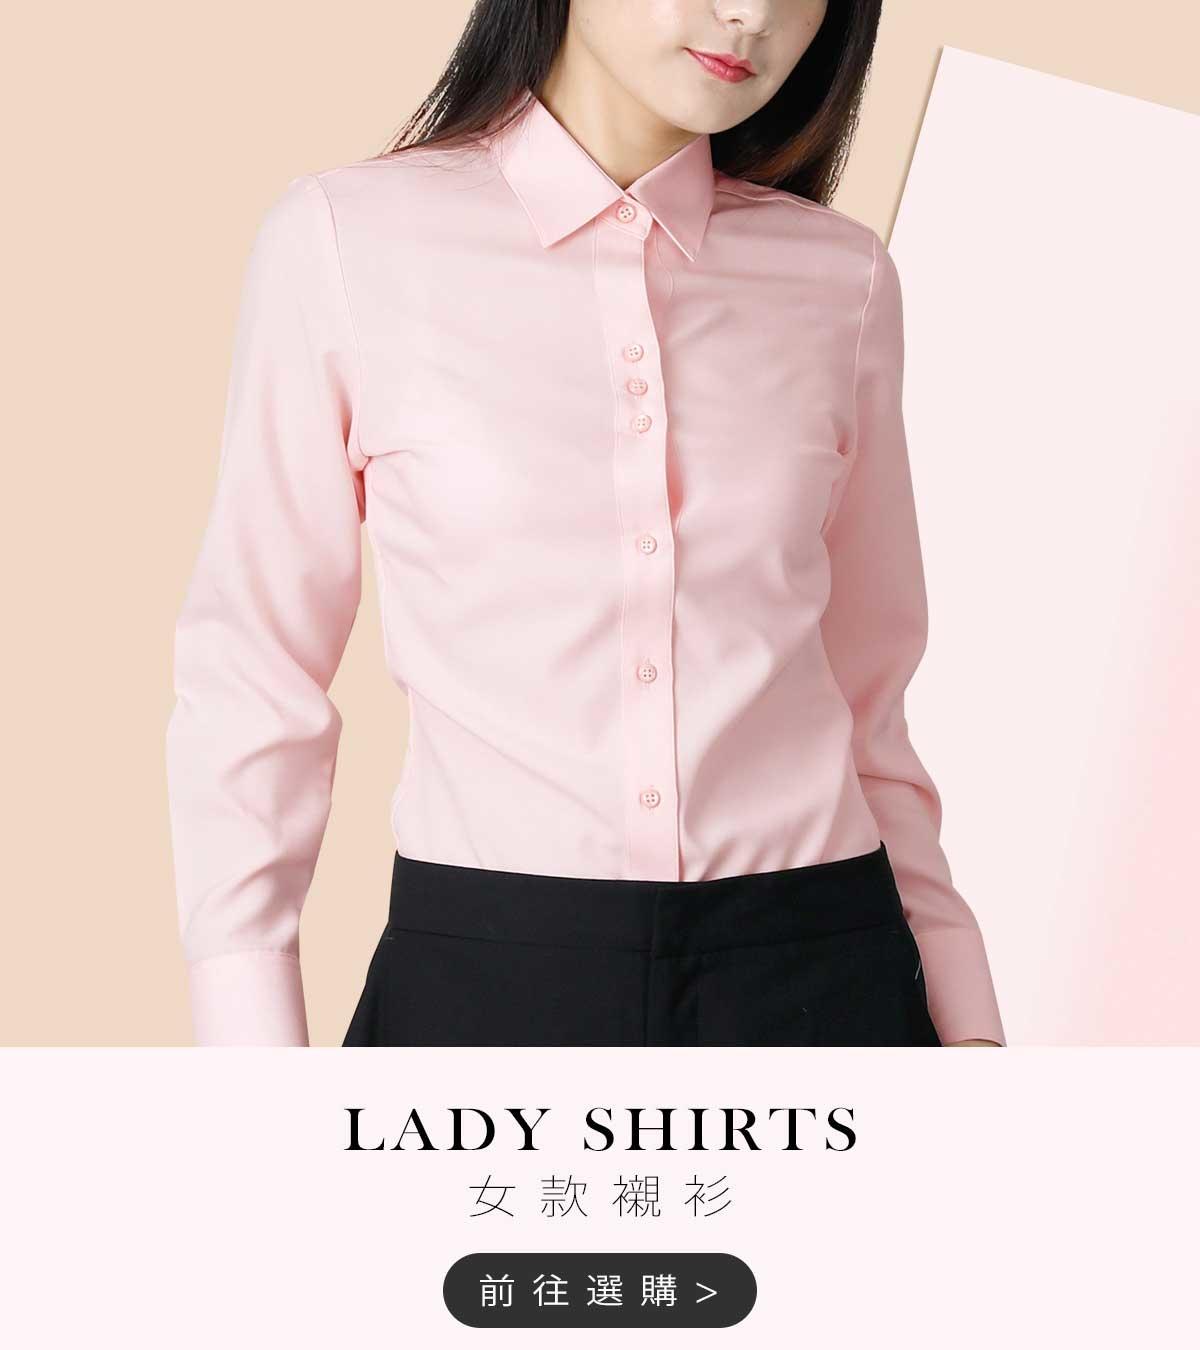 商務襯衫│女性襯衫,衣十五推出女性機能性襯衫,免燙襯衫